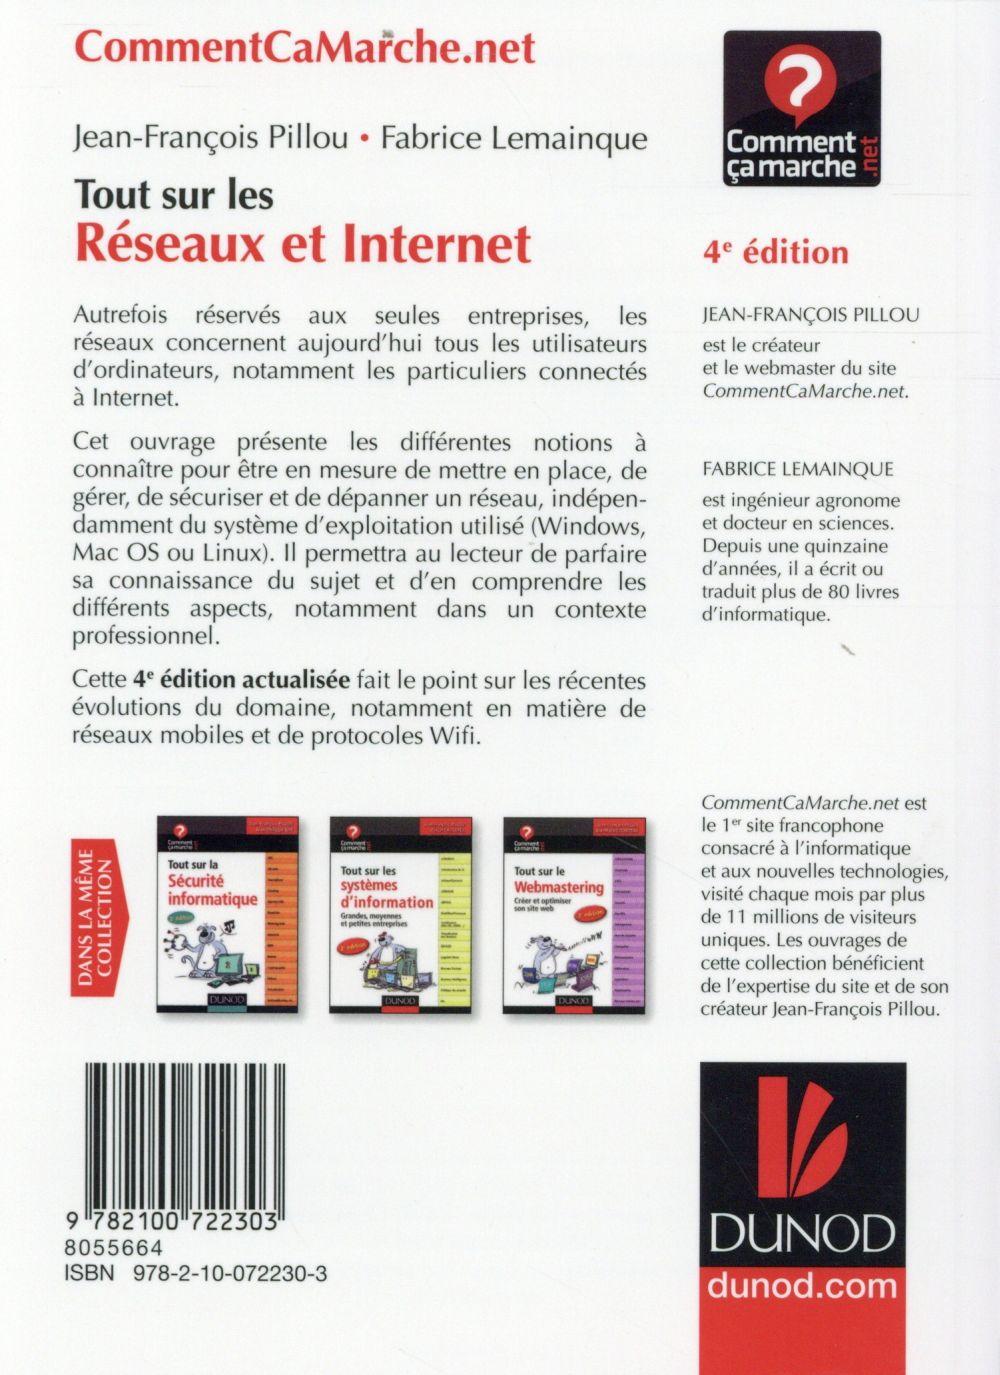 Tout sur les réseaux et internet (4e édition)